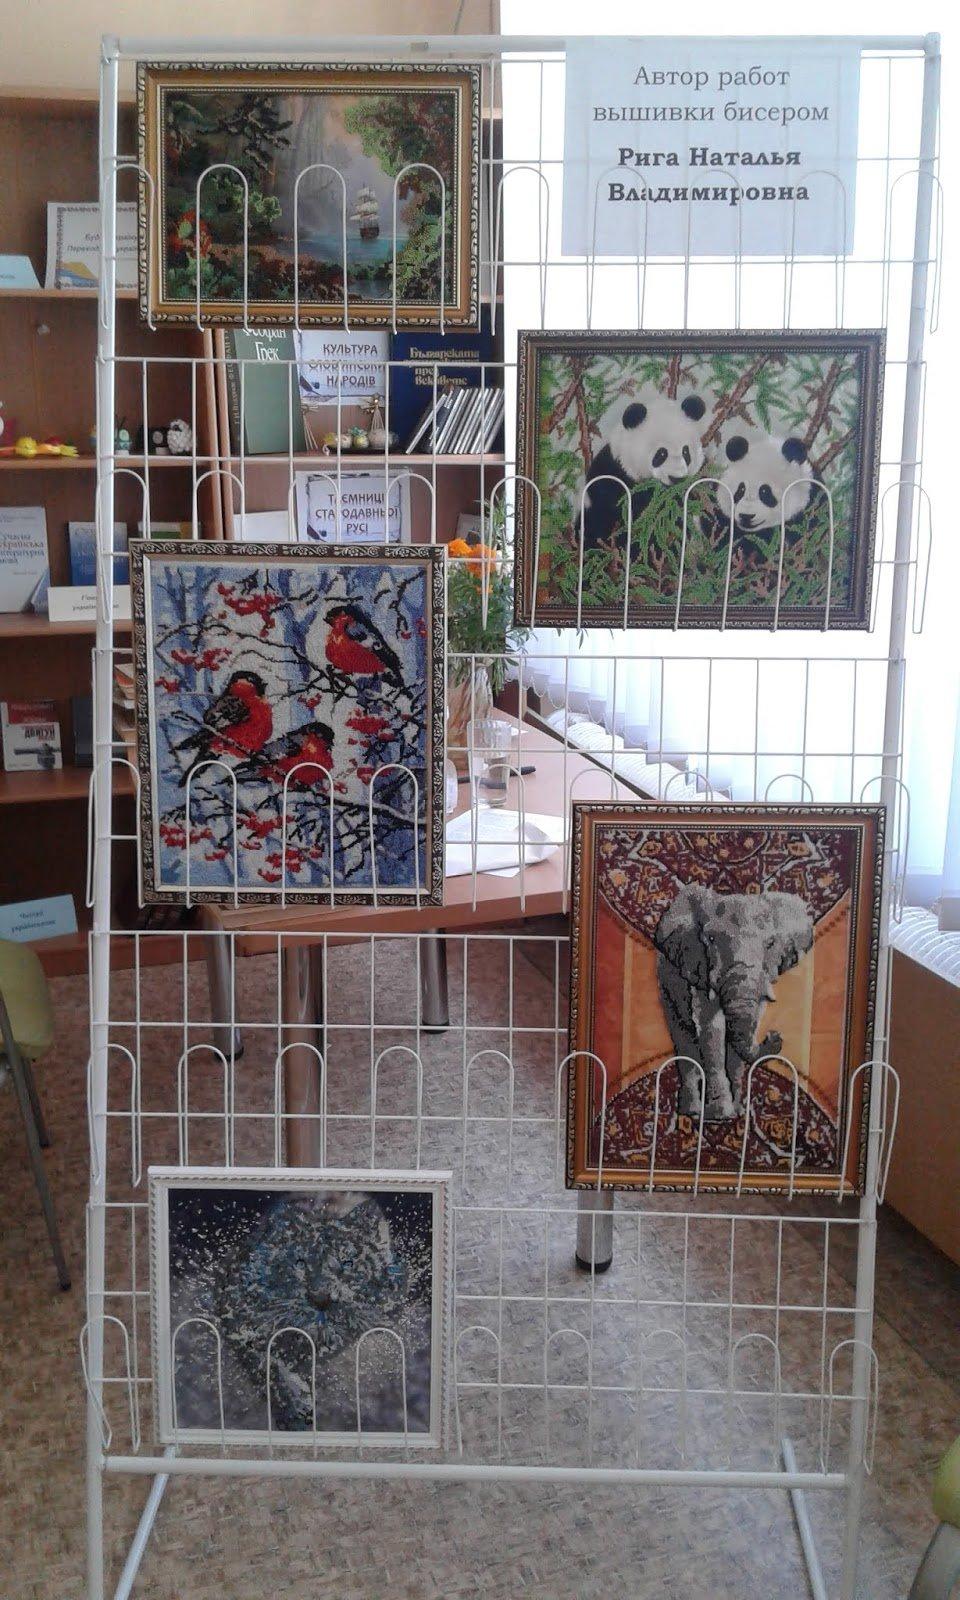 Медики Каменского представили произведения искусства из бисера и вышивки, фото-4